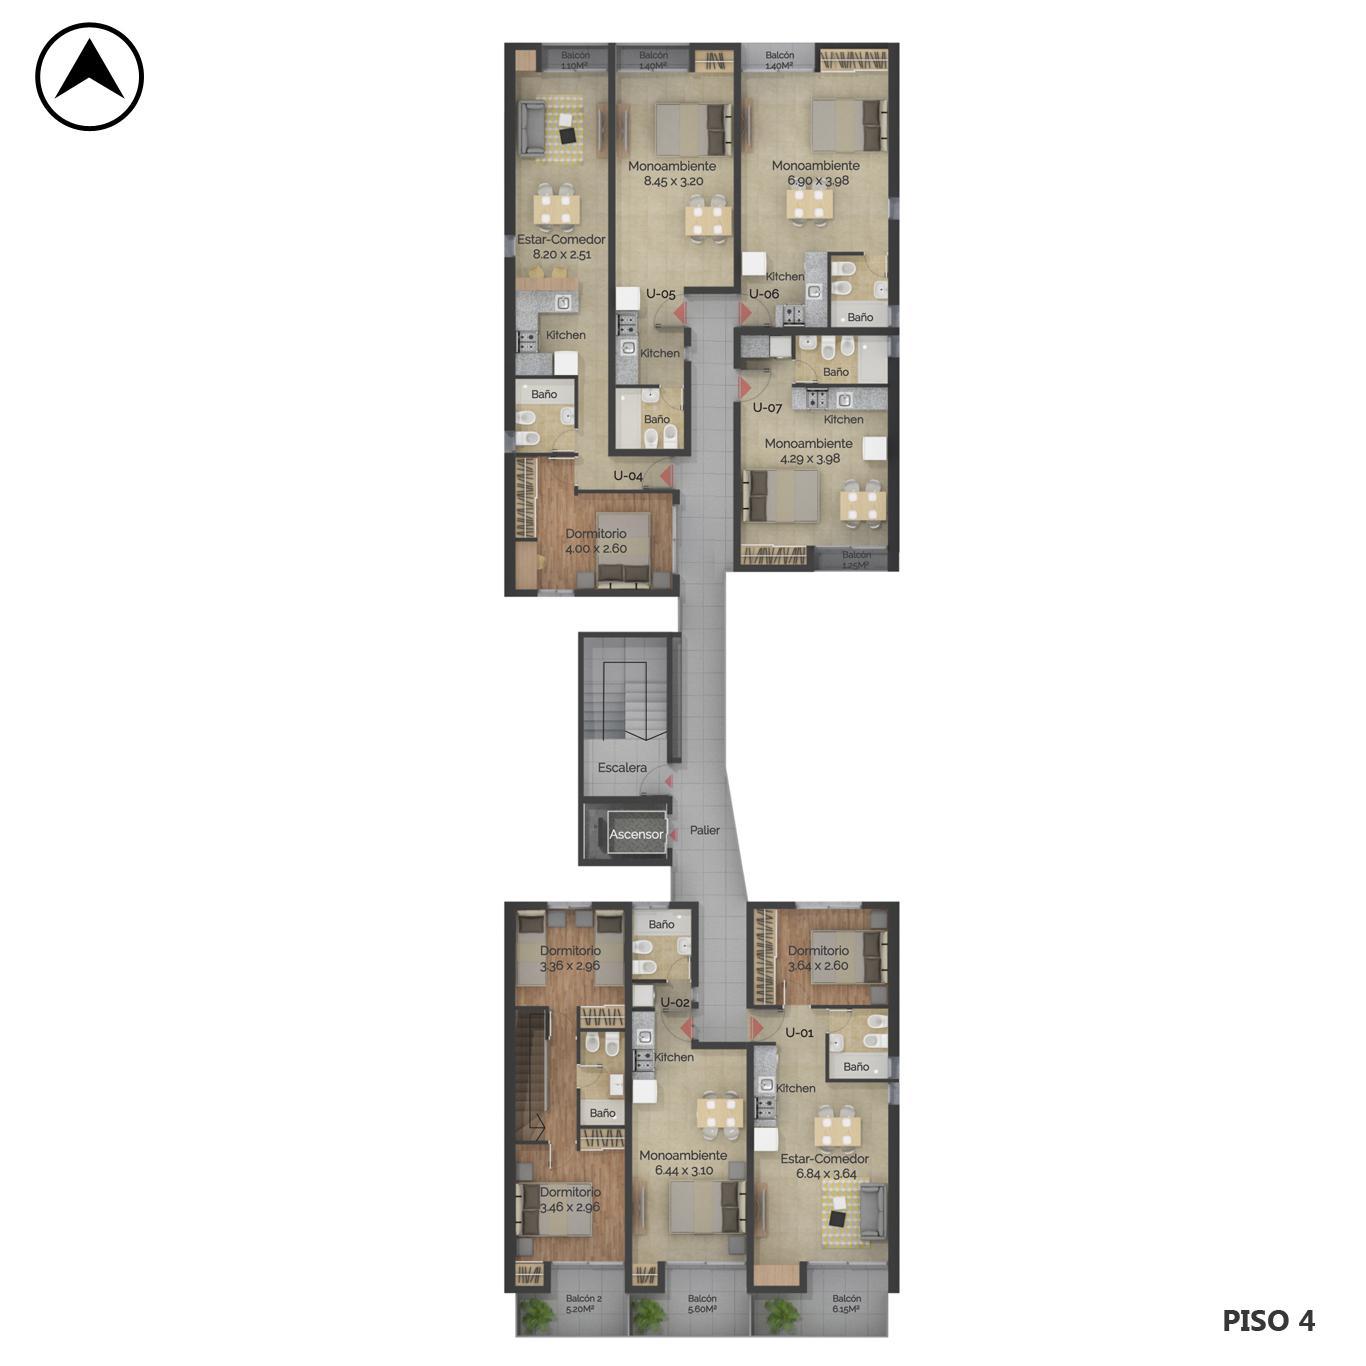 Venta departamento 1 dormitorio Rosario, Centro Oeste. Cod CBU24040 AP2248091. Crestale Propiedades